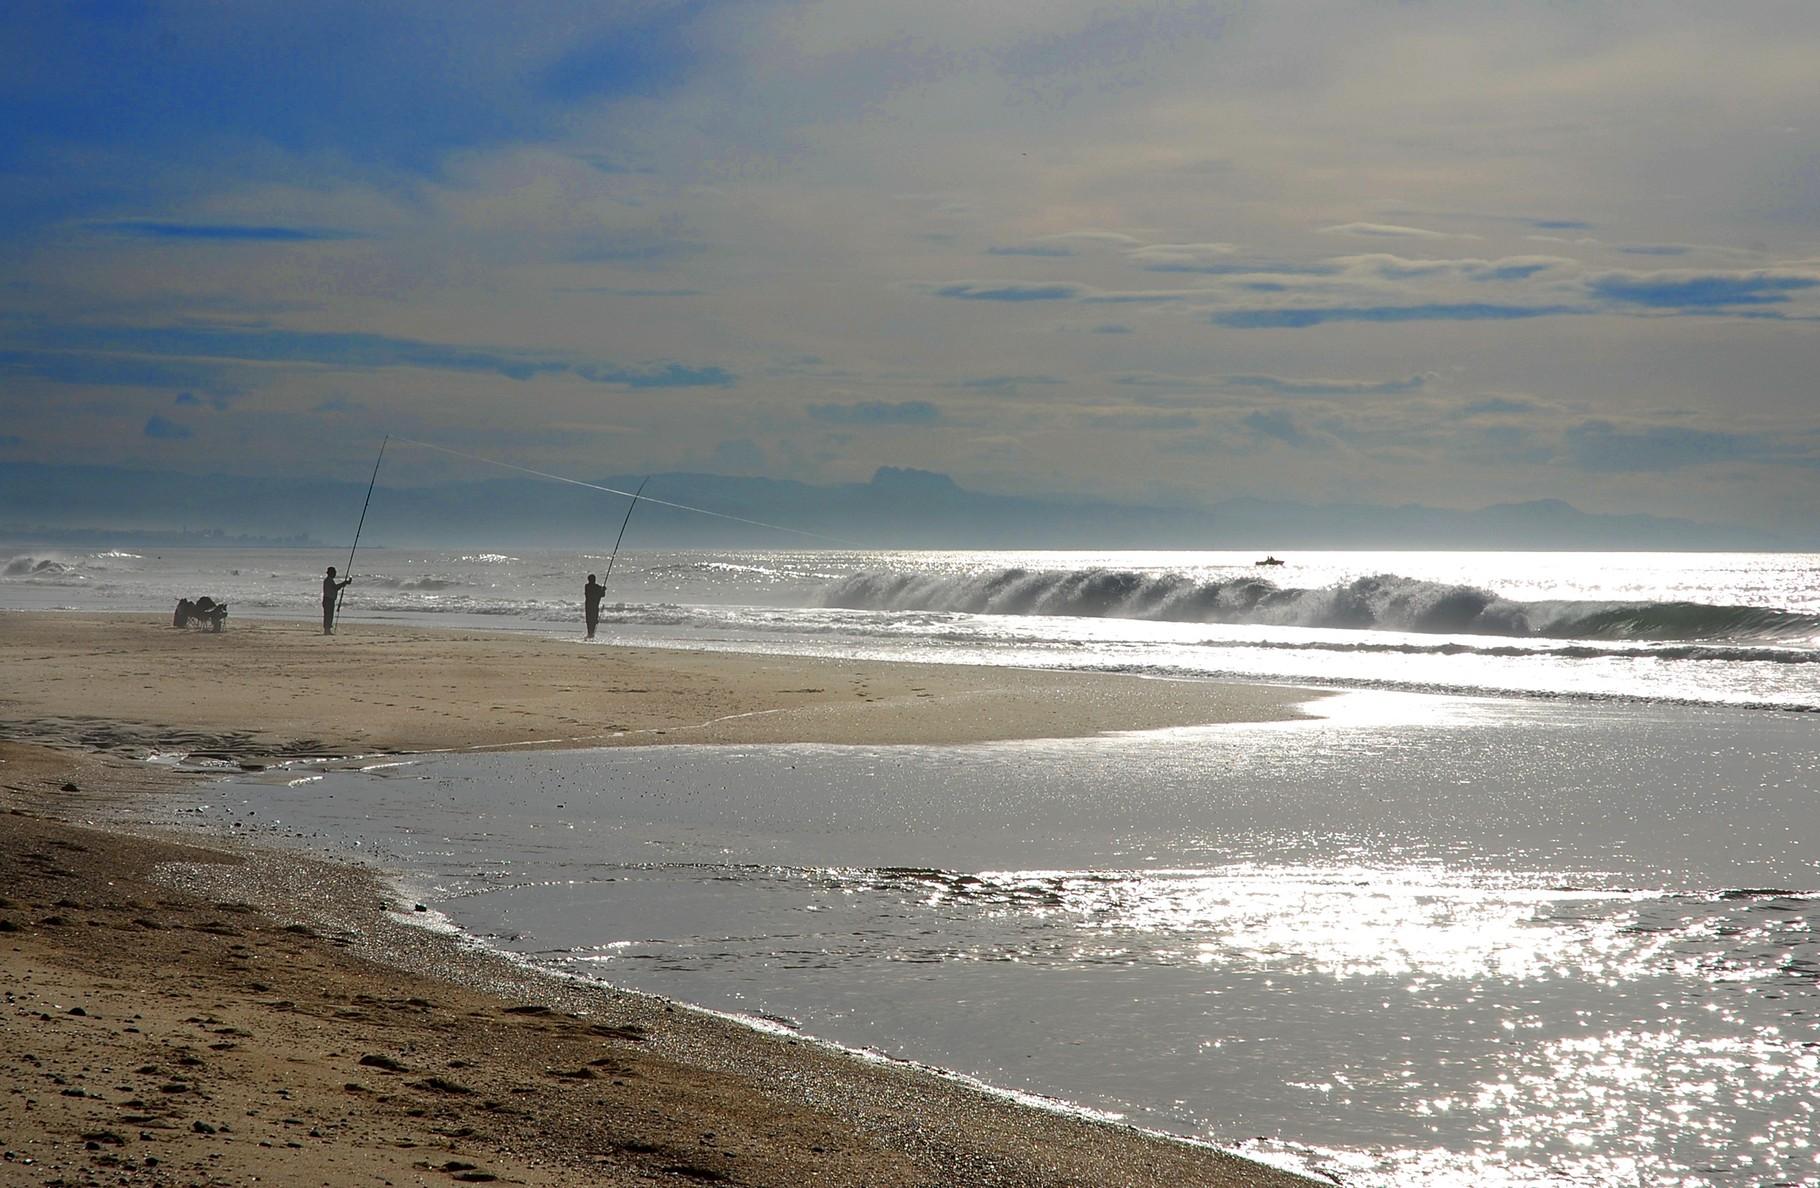 Pêche... Le surfcasting